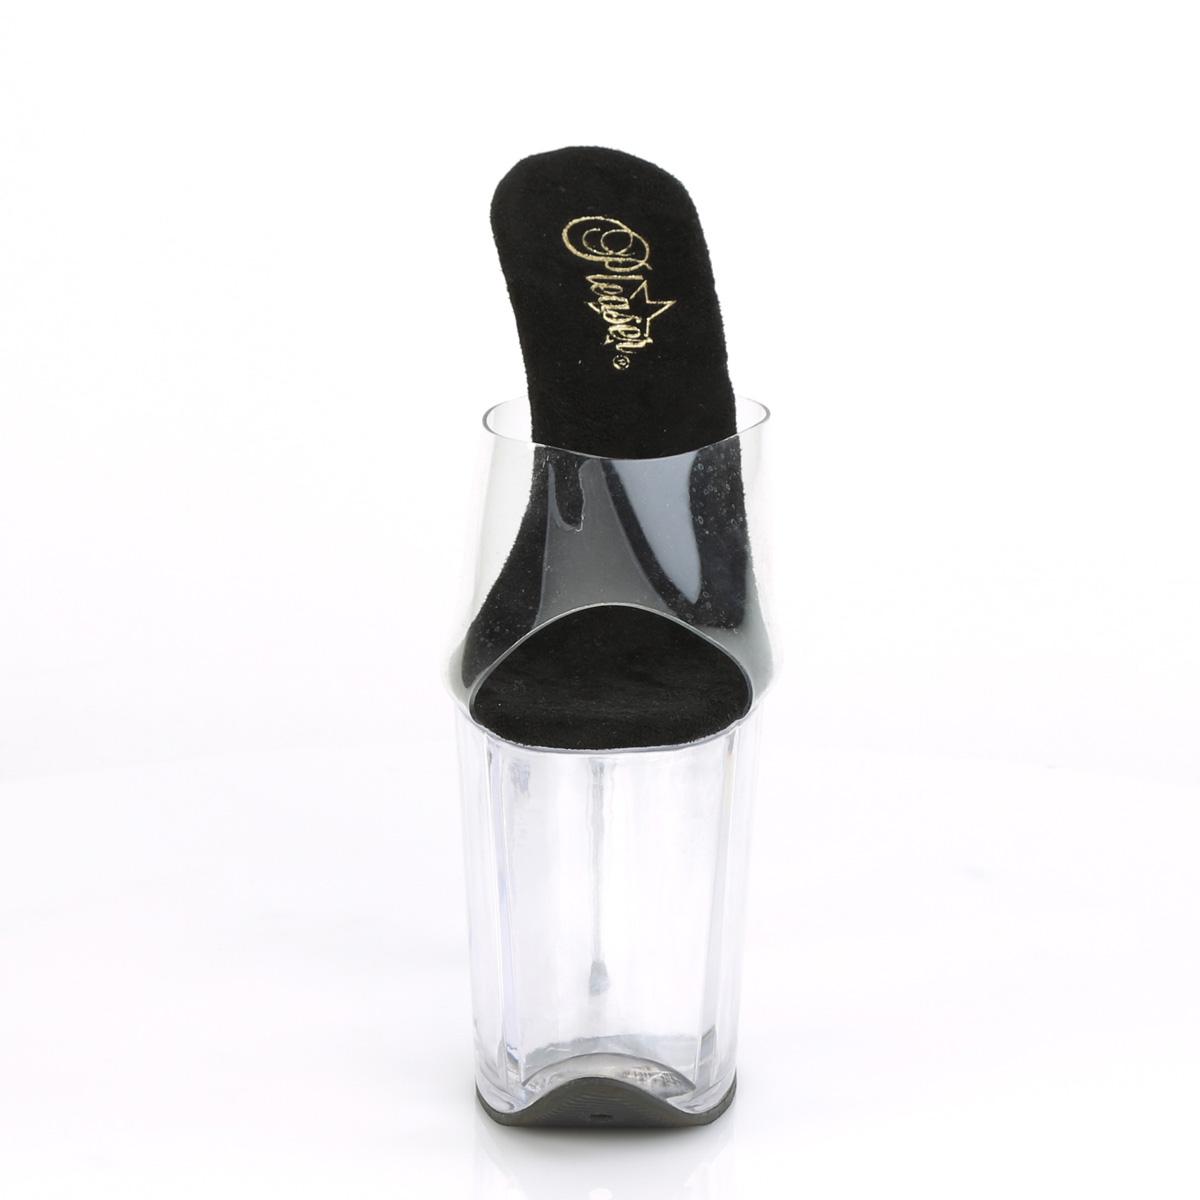 Pleaser(プリーザー) FLAMINGO-801 フラミンゴ 20cmヒール 厚底サンダル クリア-ブラック/クリア◆取り寄せ